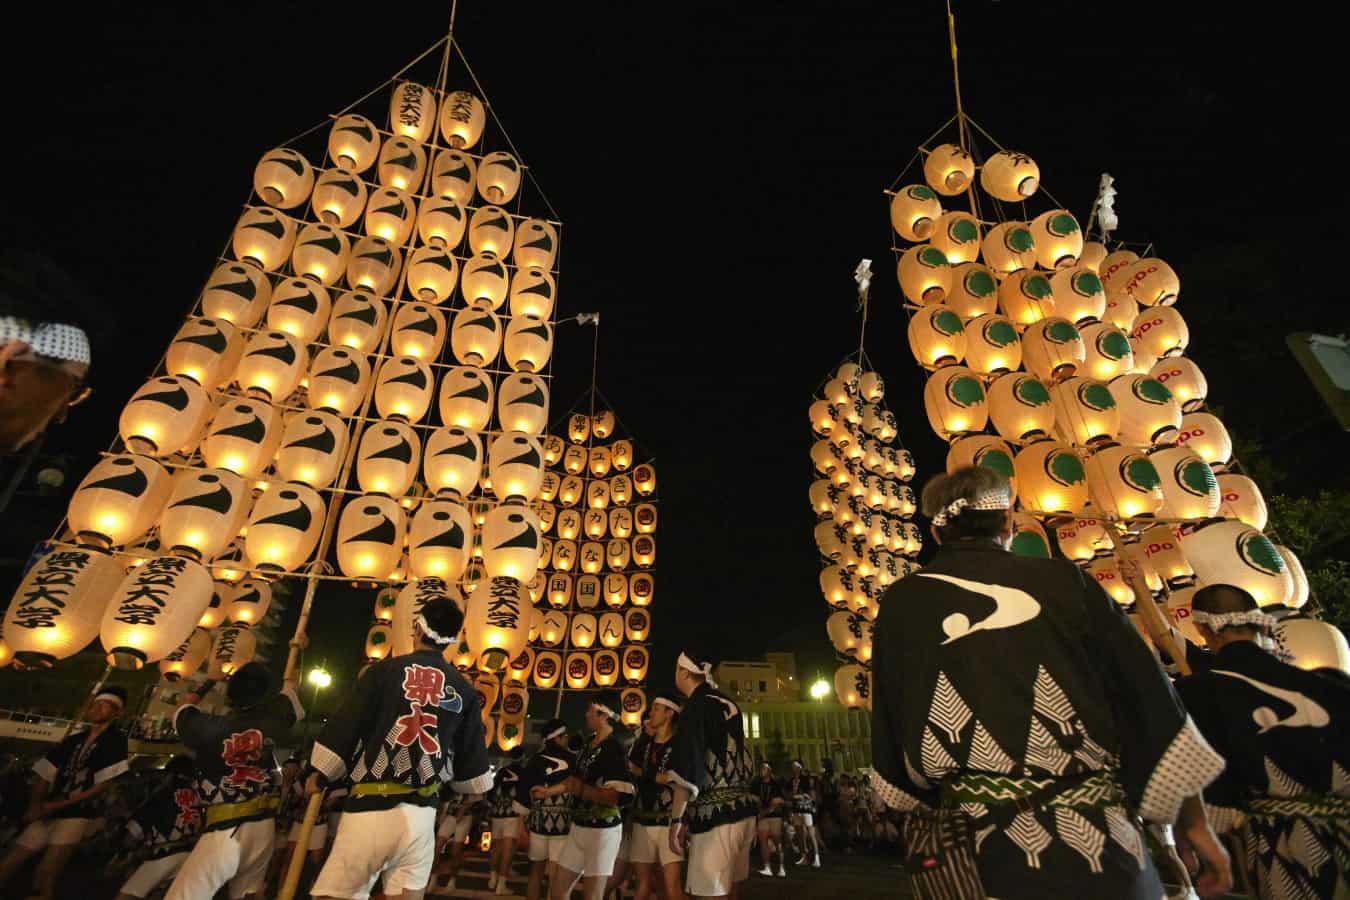 เทศกาลอาคิตะคันโต (Akita Kanto Festival) จัดขึ้นใน หน้าร้อน ของภูมิภาค โทโฮคุ